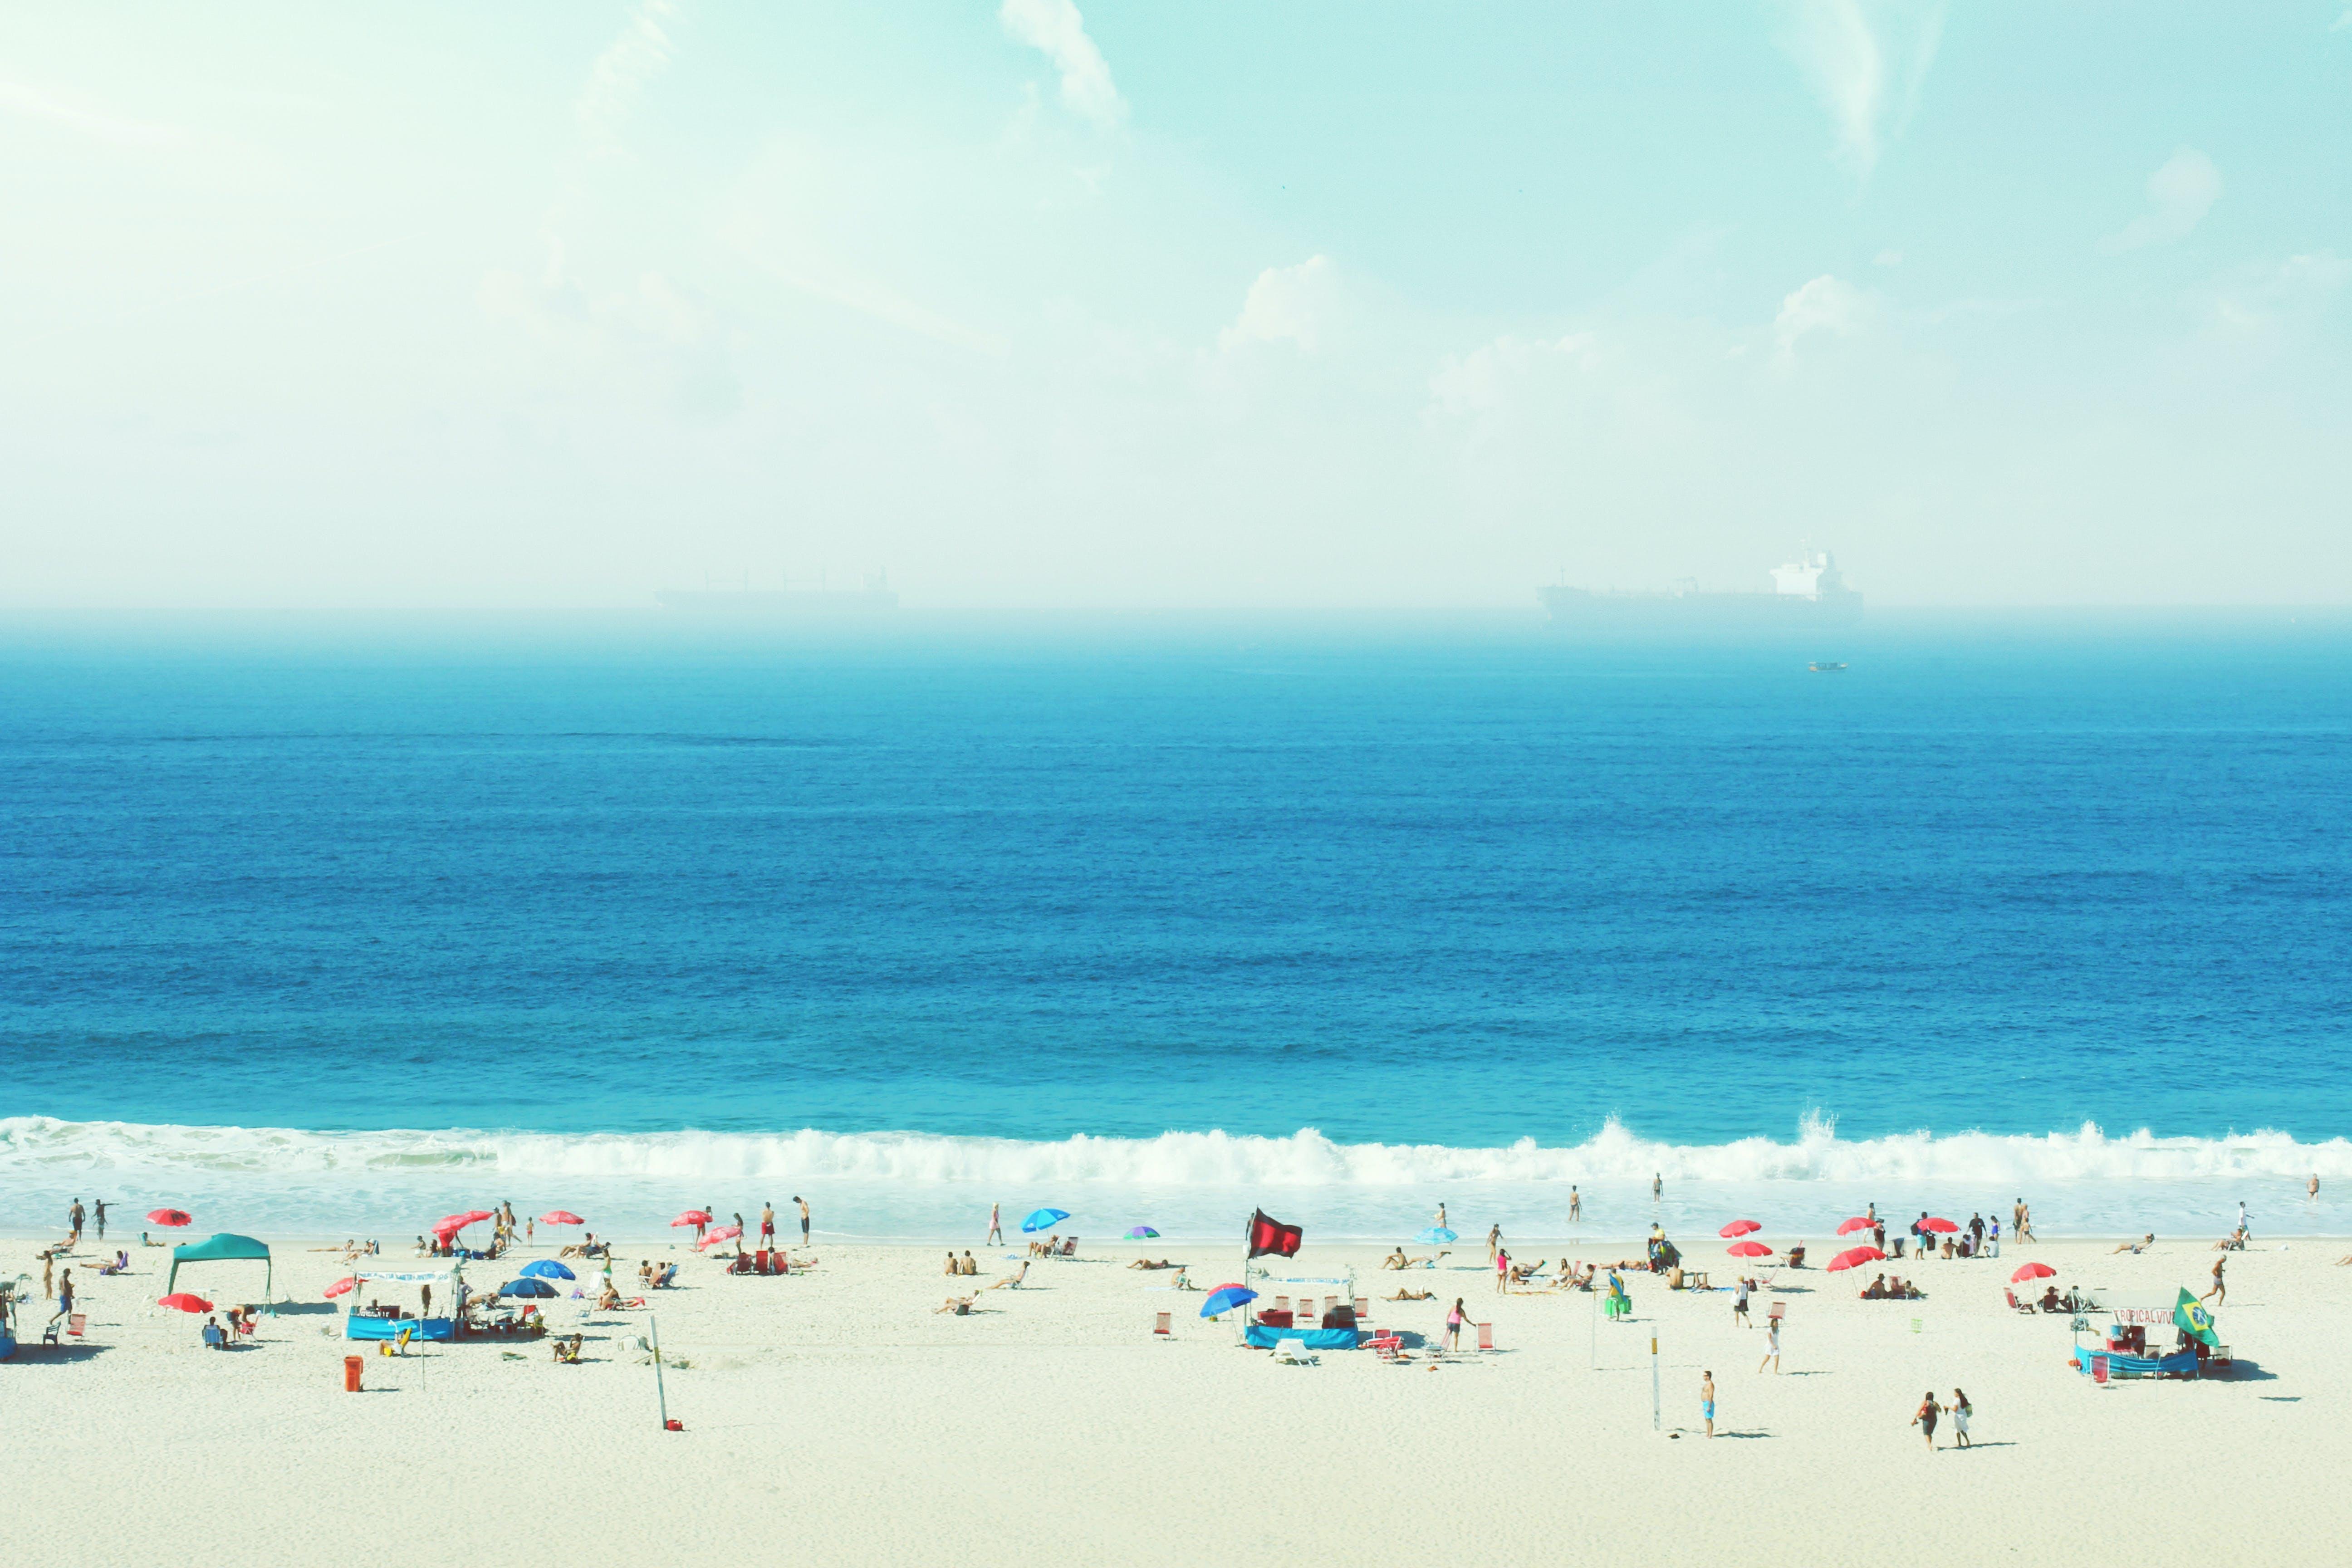 Kostenloses Stock Foto zu atlantisch, blau, brasilien, copacabana